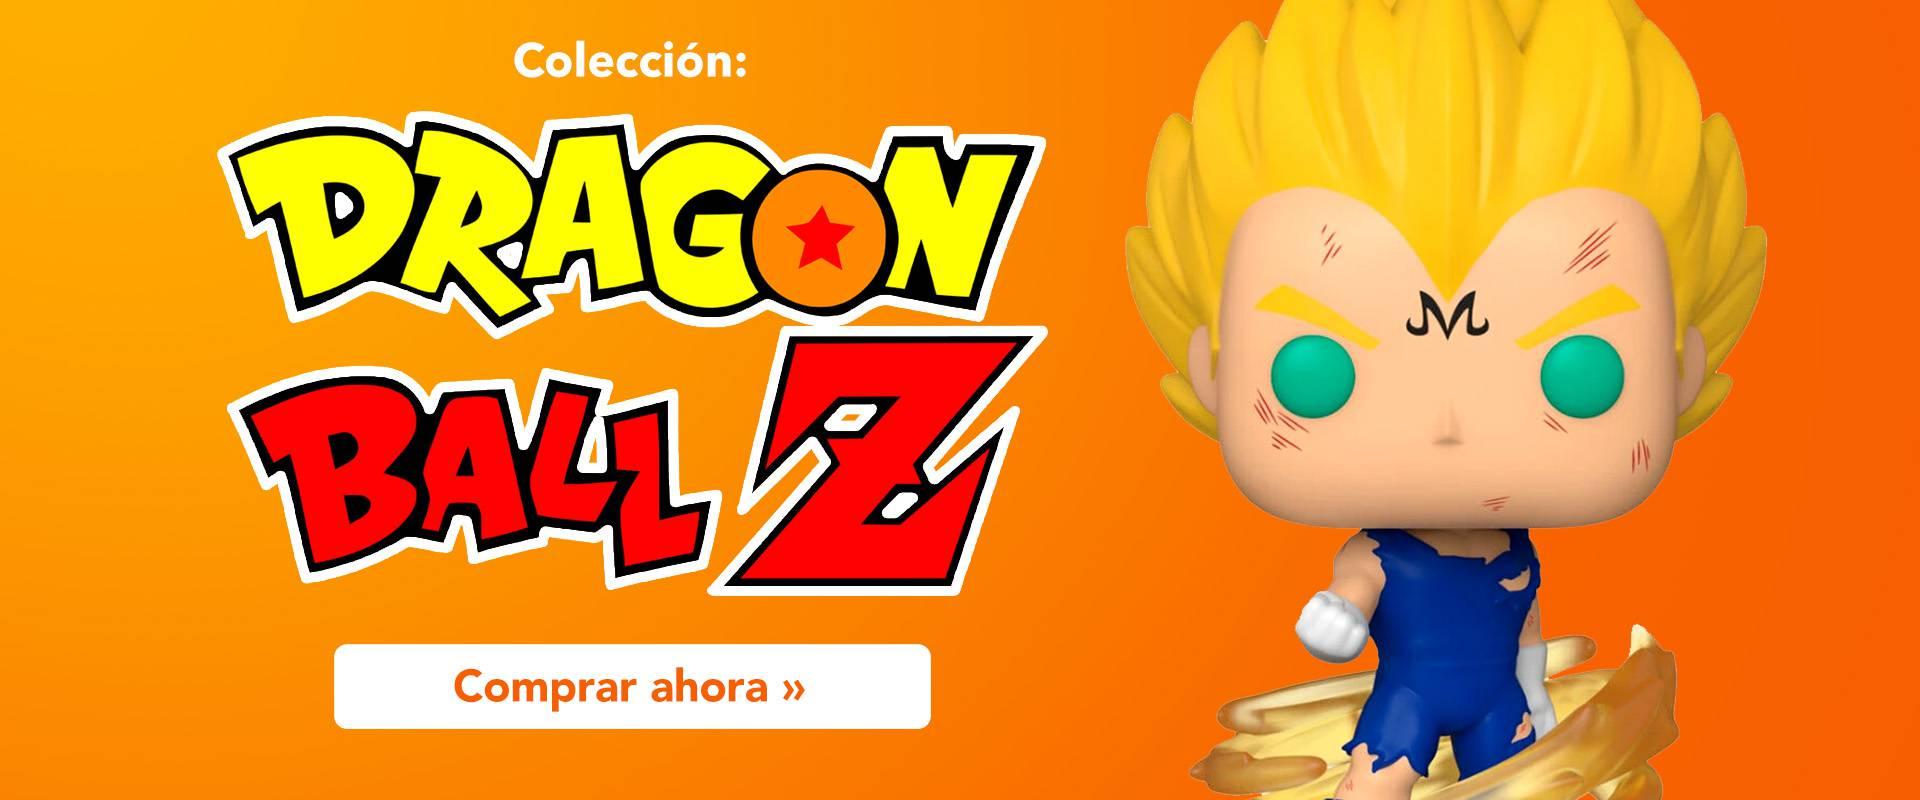 Coleccion Funko Dragon Ball